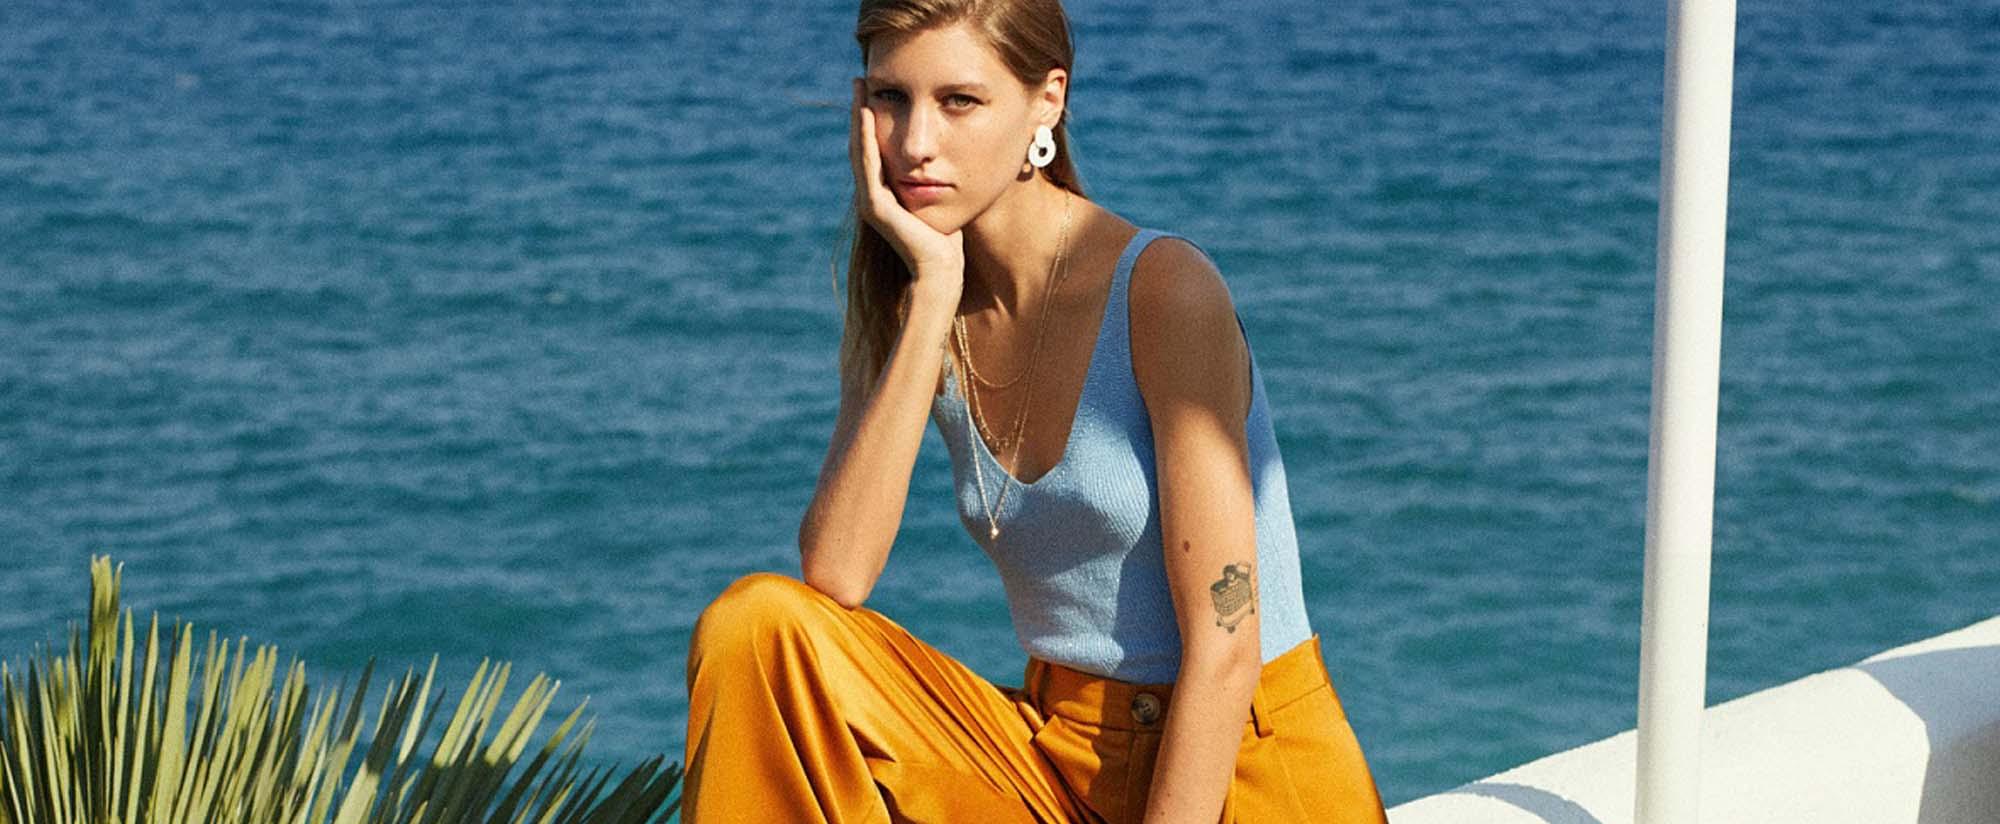 Fashion Israel - 2020 חדשות אופנה, כתבות אופנה 2020, טרנדים, מגזין אופנה, אופנה - MANGO מחיר מכנסיים 299.90שח מחיר טופ 199.90שח